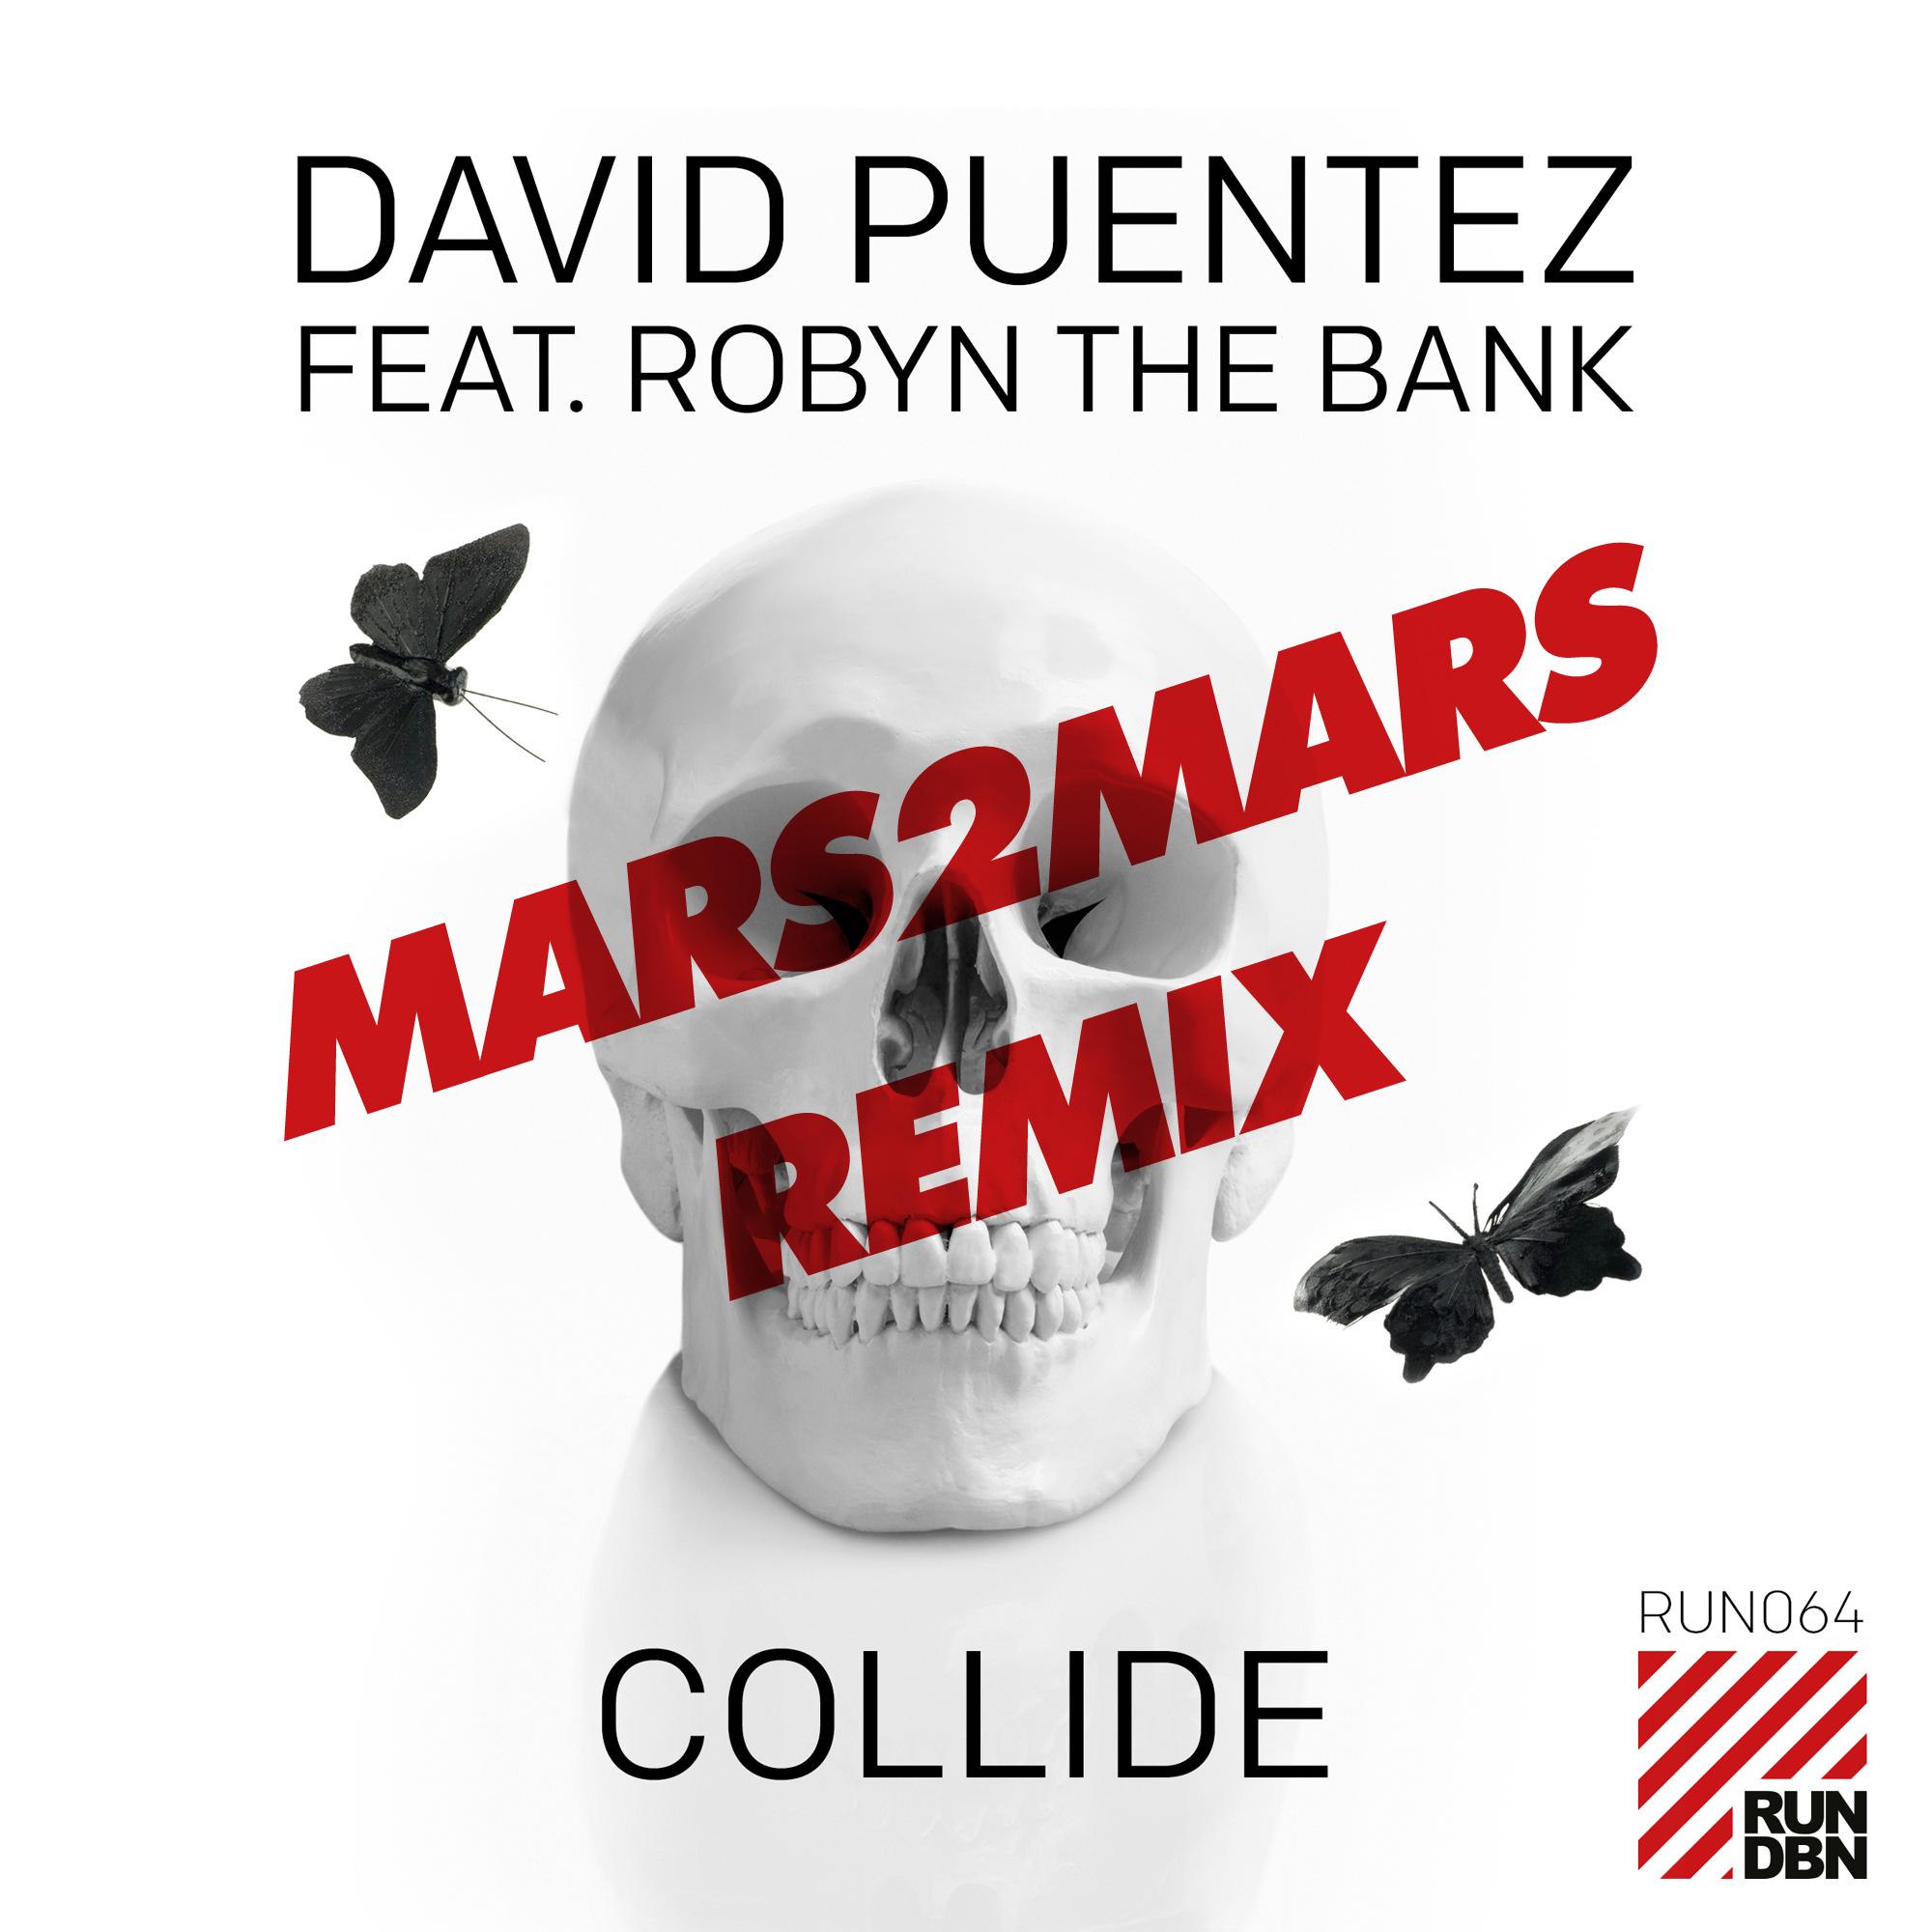 IAATM Newcomer: Mars2Mars remixen David Puentez' Collide